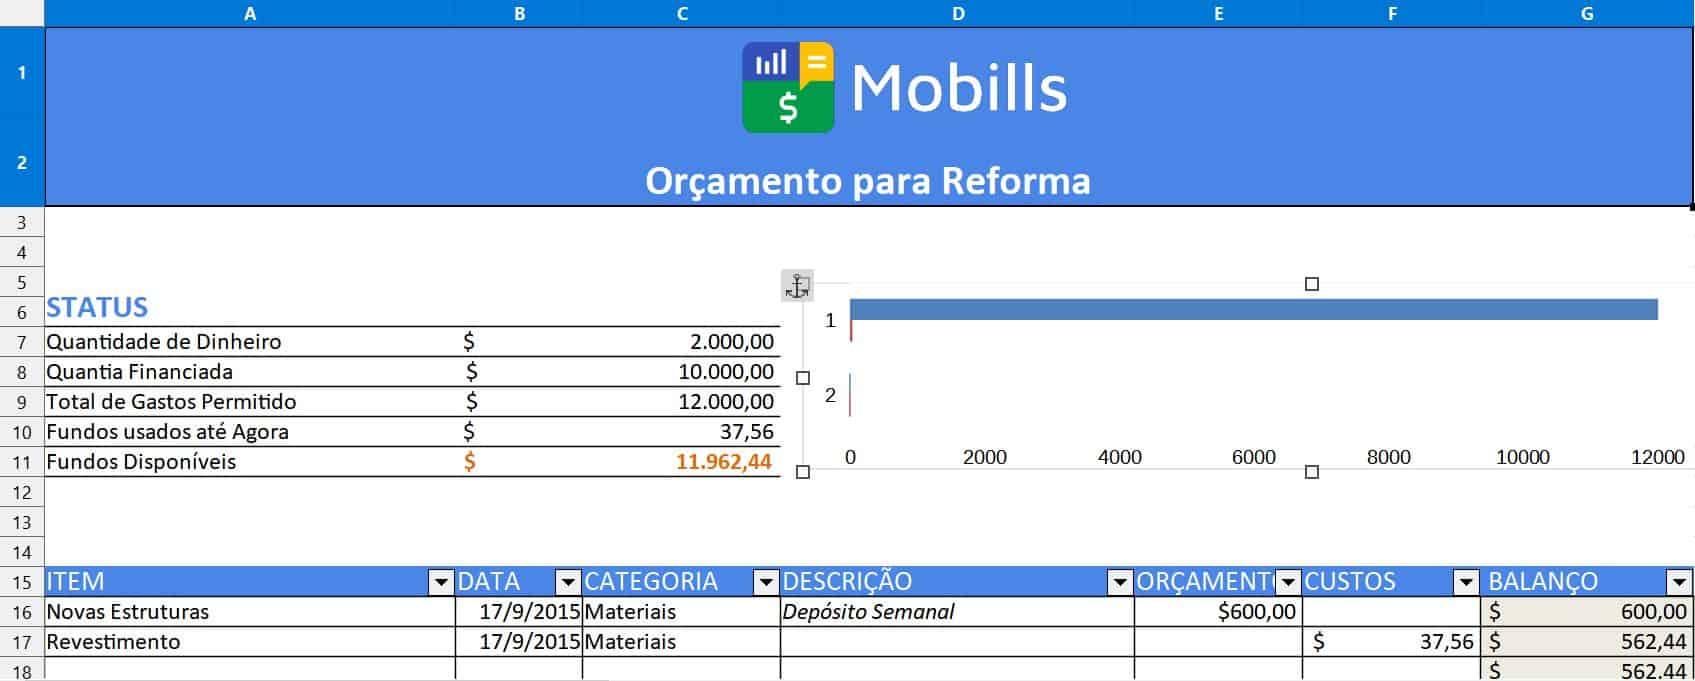 planilha de orçamento para reforma do Mobills